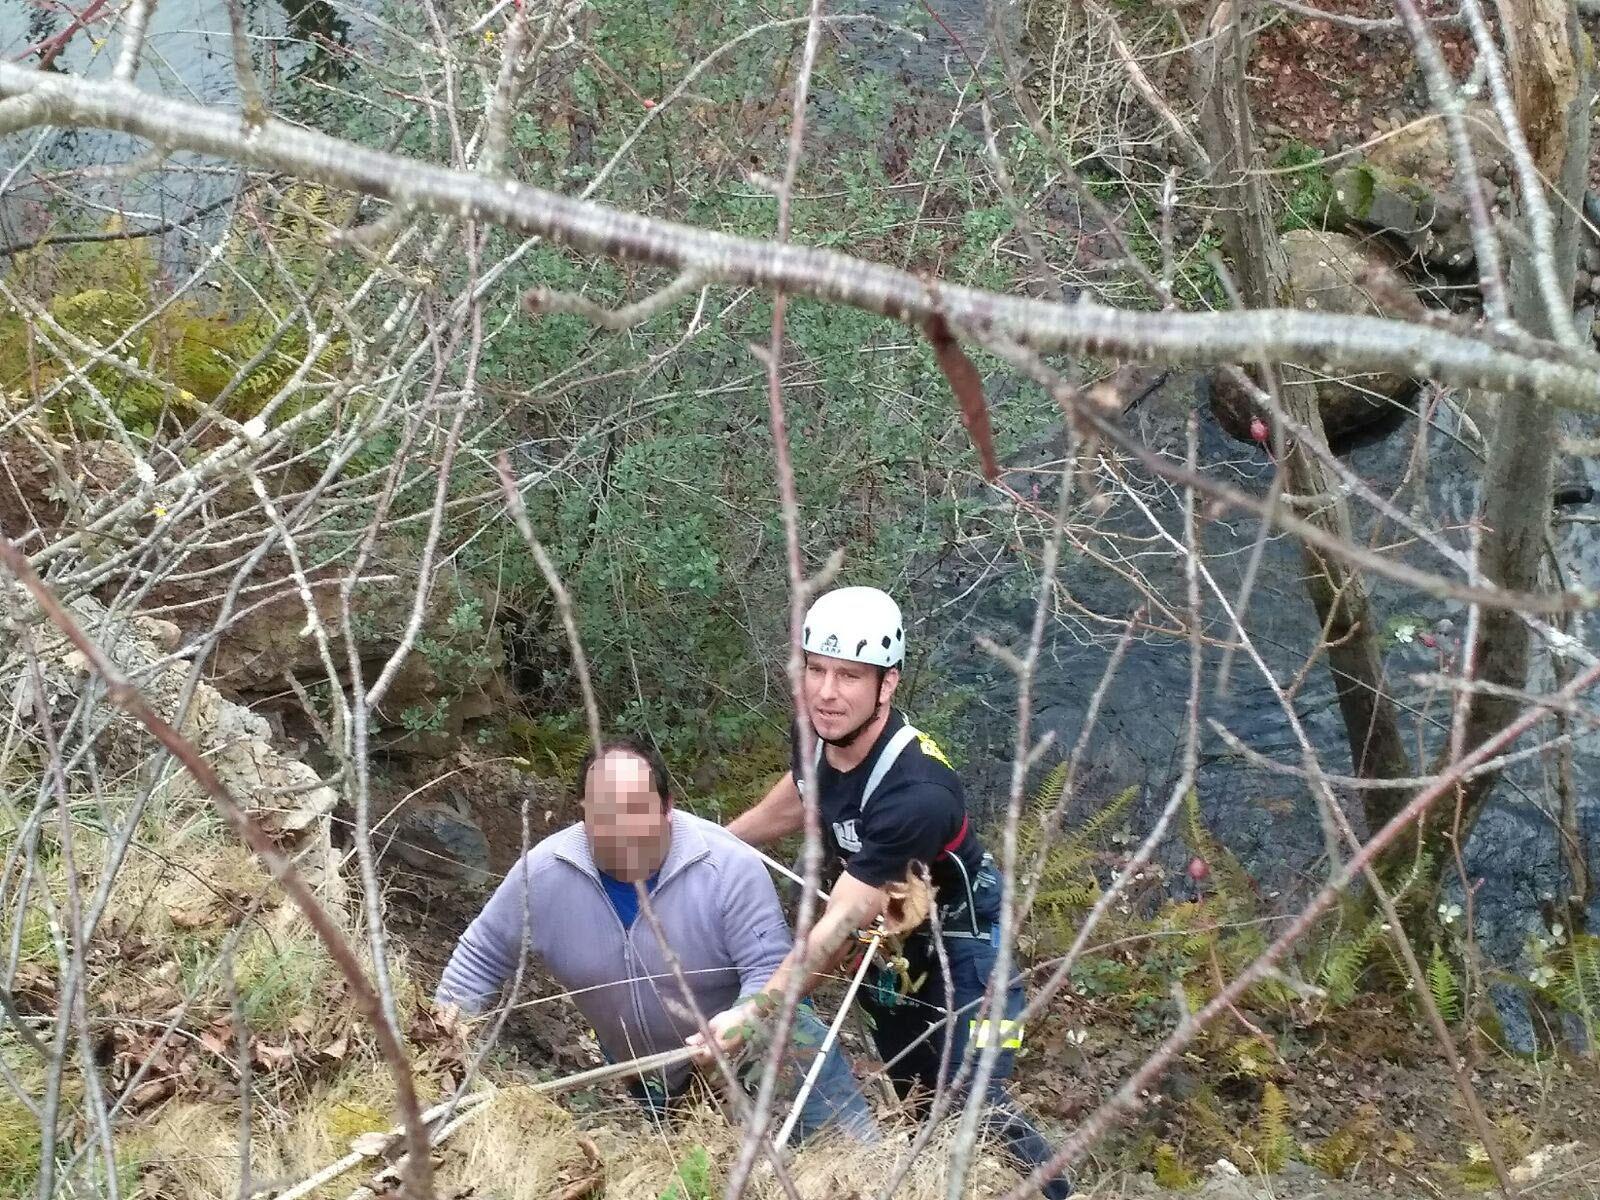 Rescatado un hombre con riesgo de caída en la cuenca del río Bullón